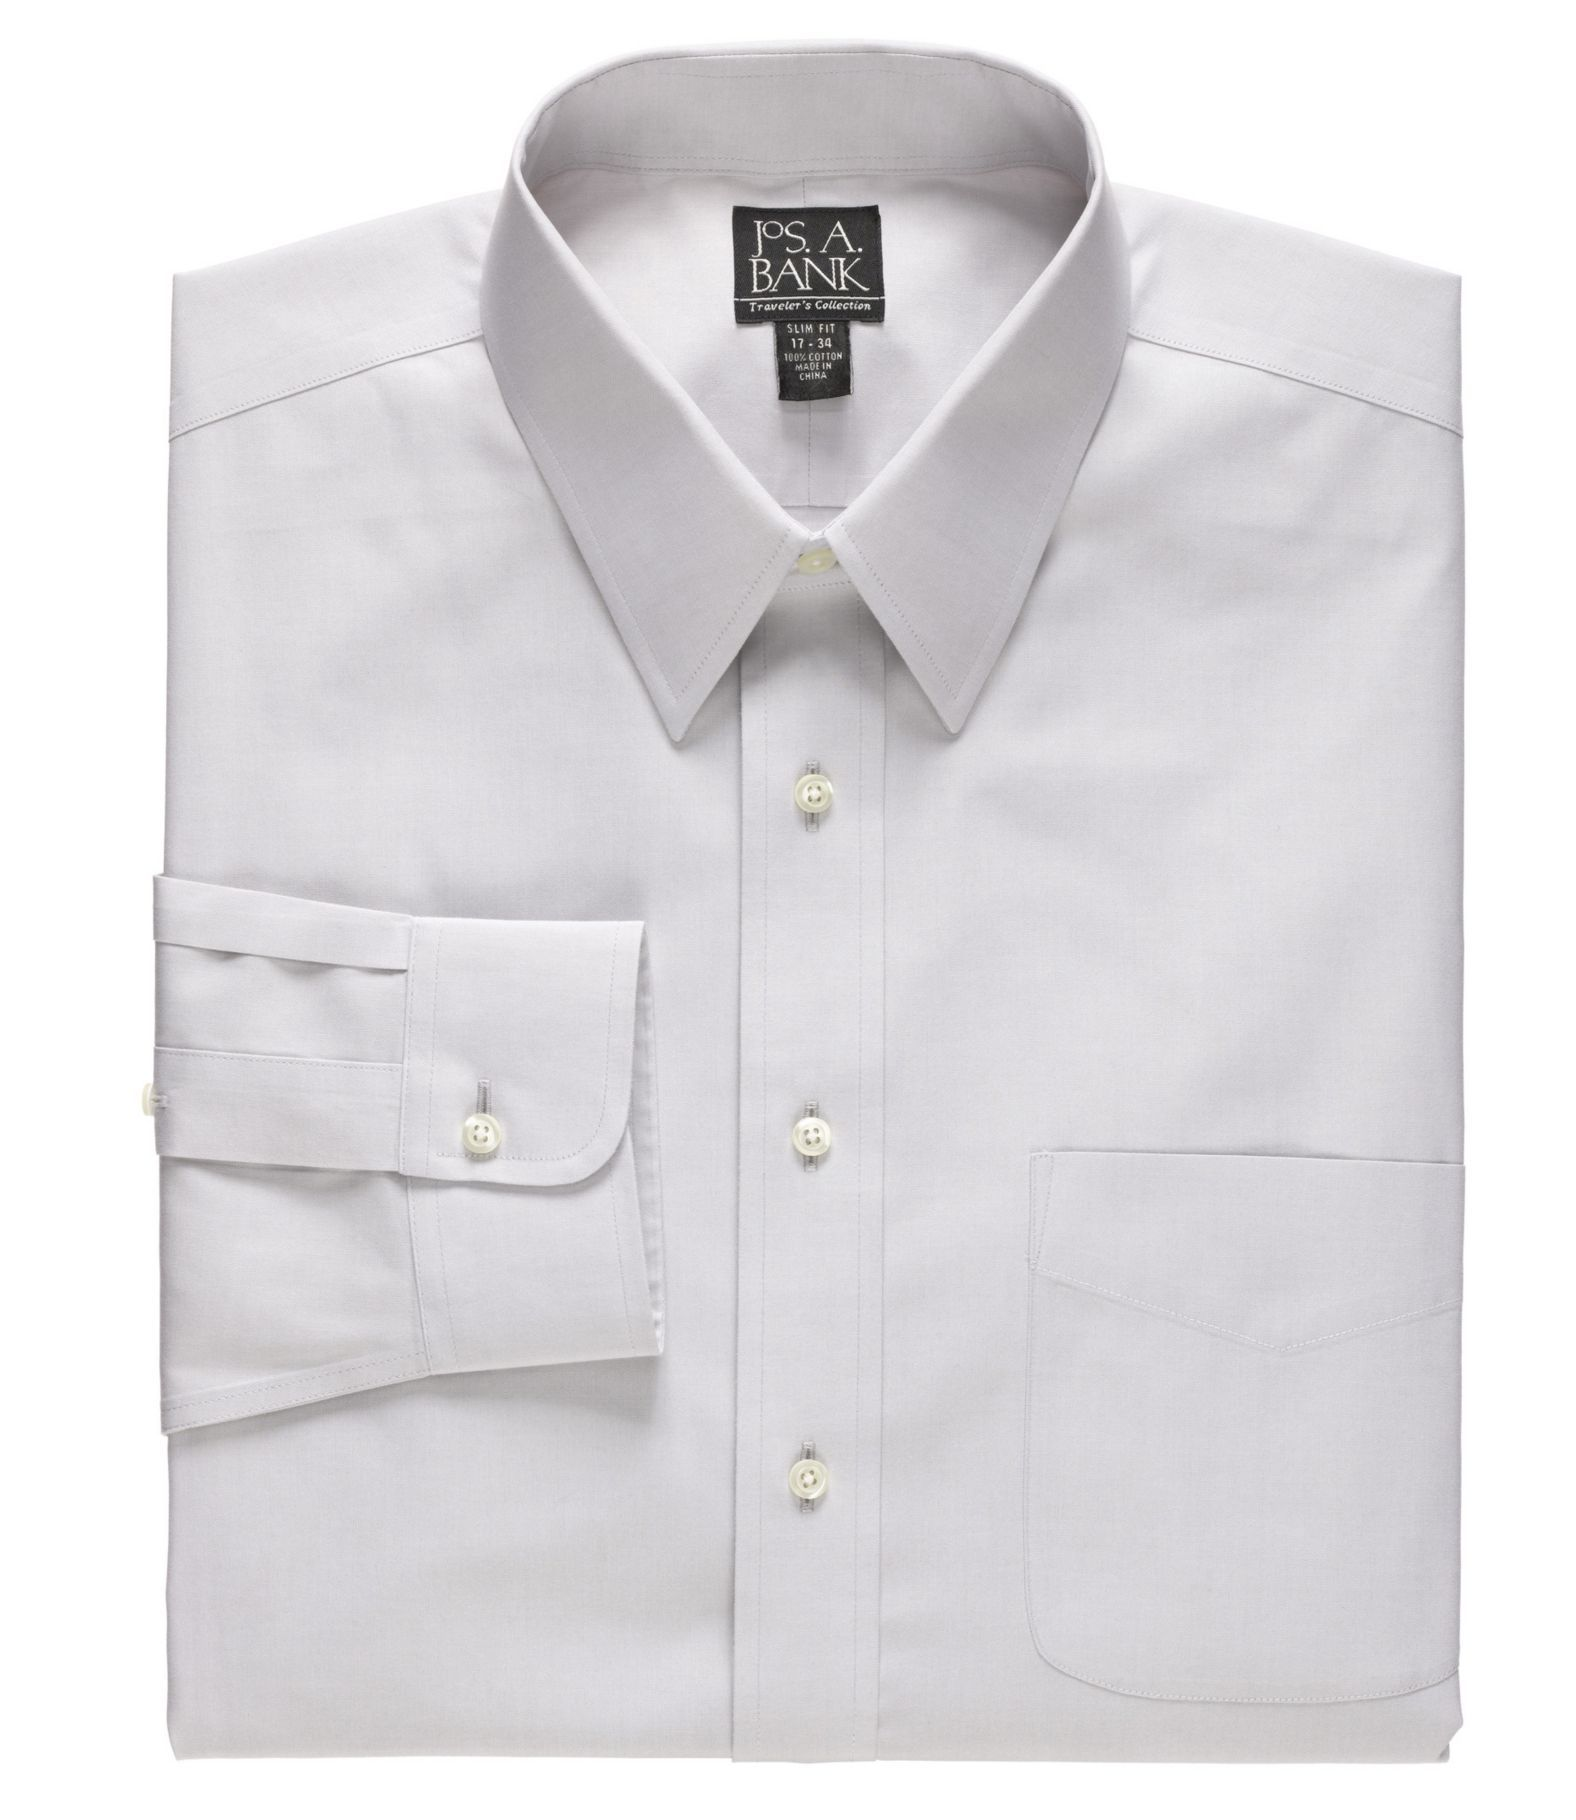 Big Tall Mens Oxford Dress Shirts Rldm